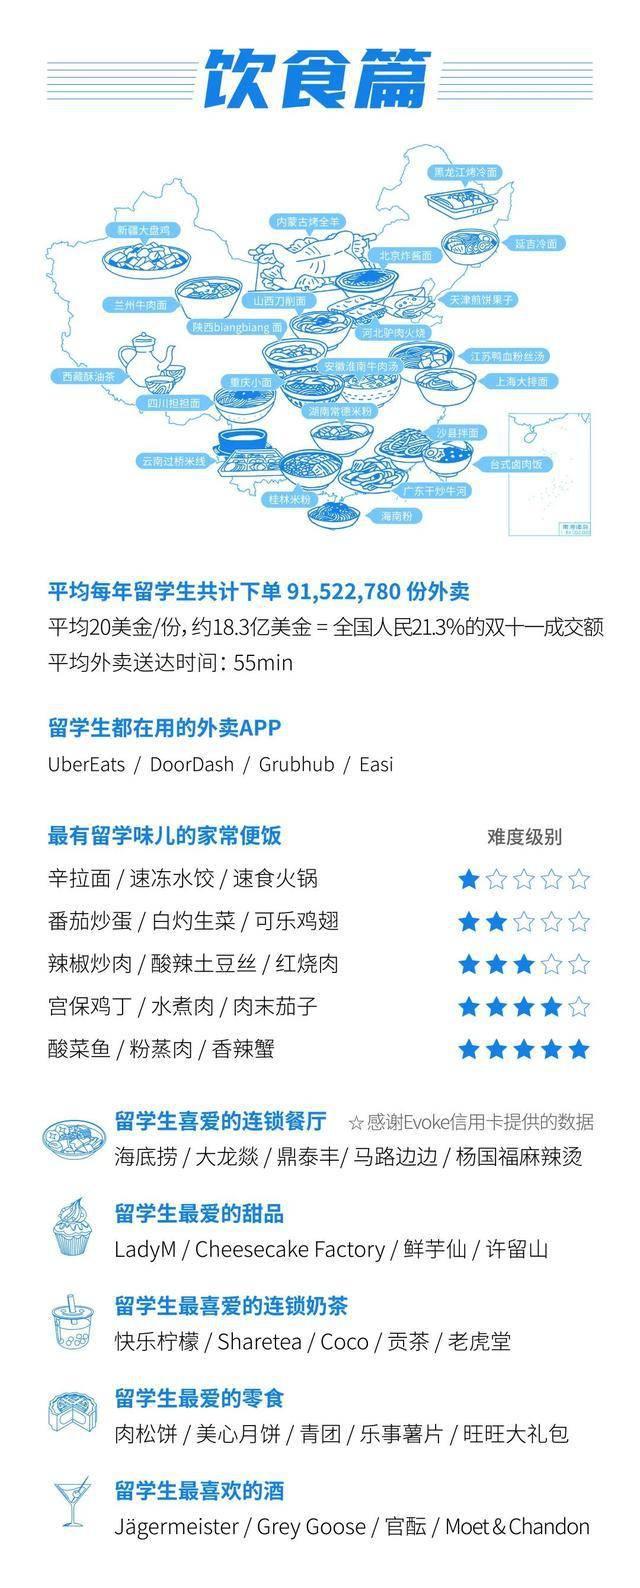 《2020中国留学白皮书》发布!大数据下的留学生群像